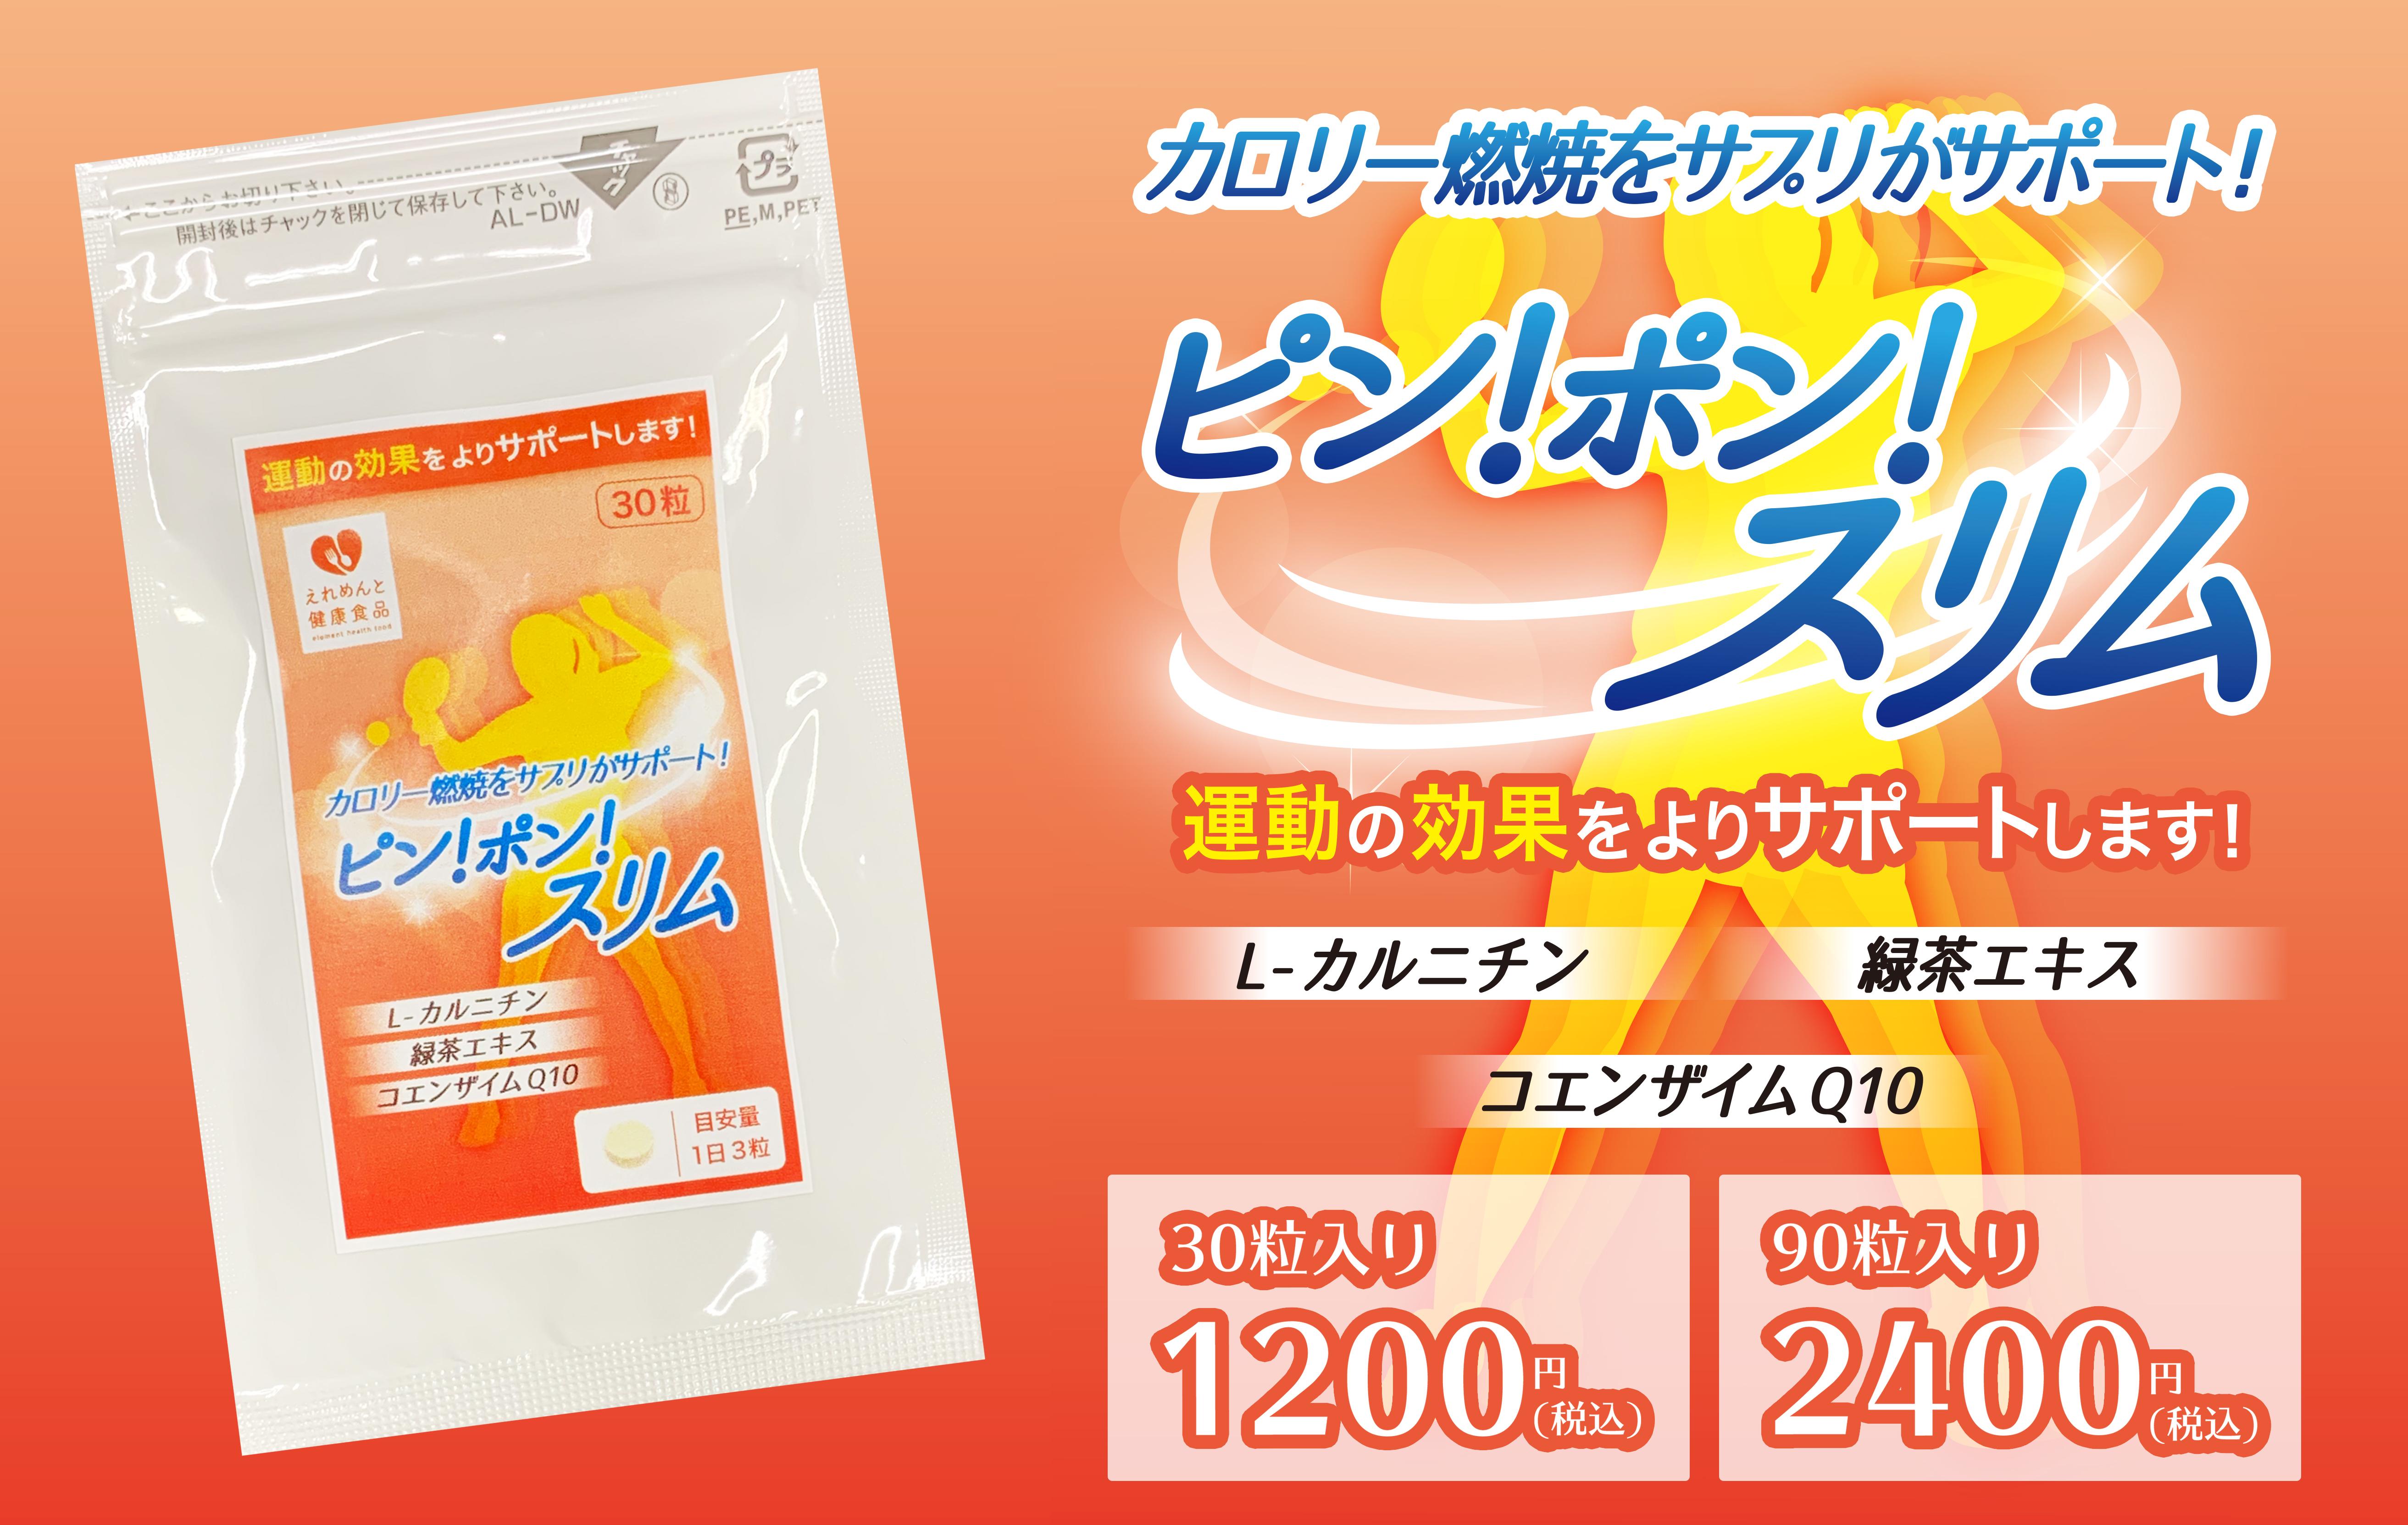 卓球向けサプリメント「ピン!ポン!スリム」販売開始!